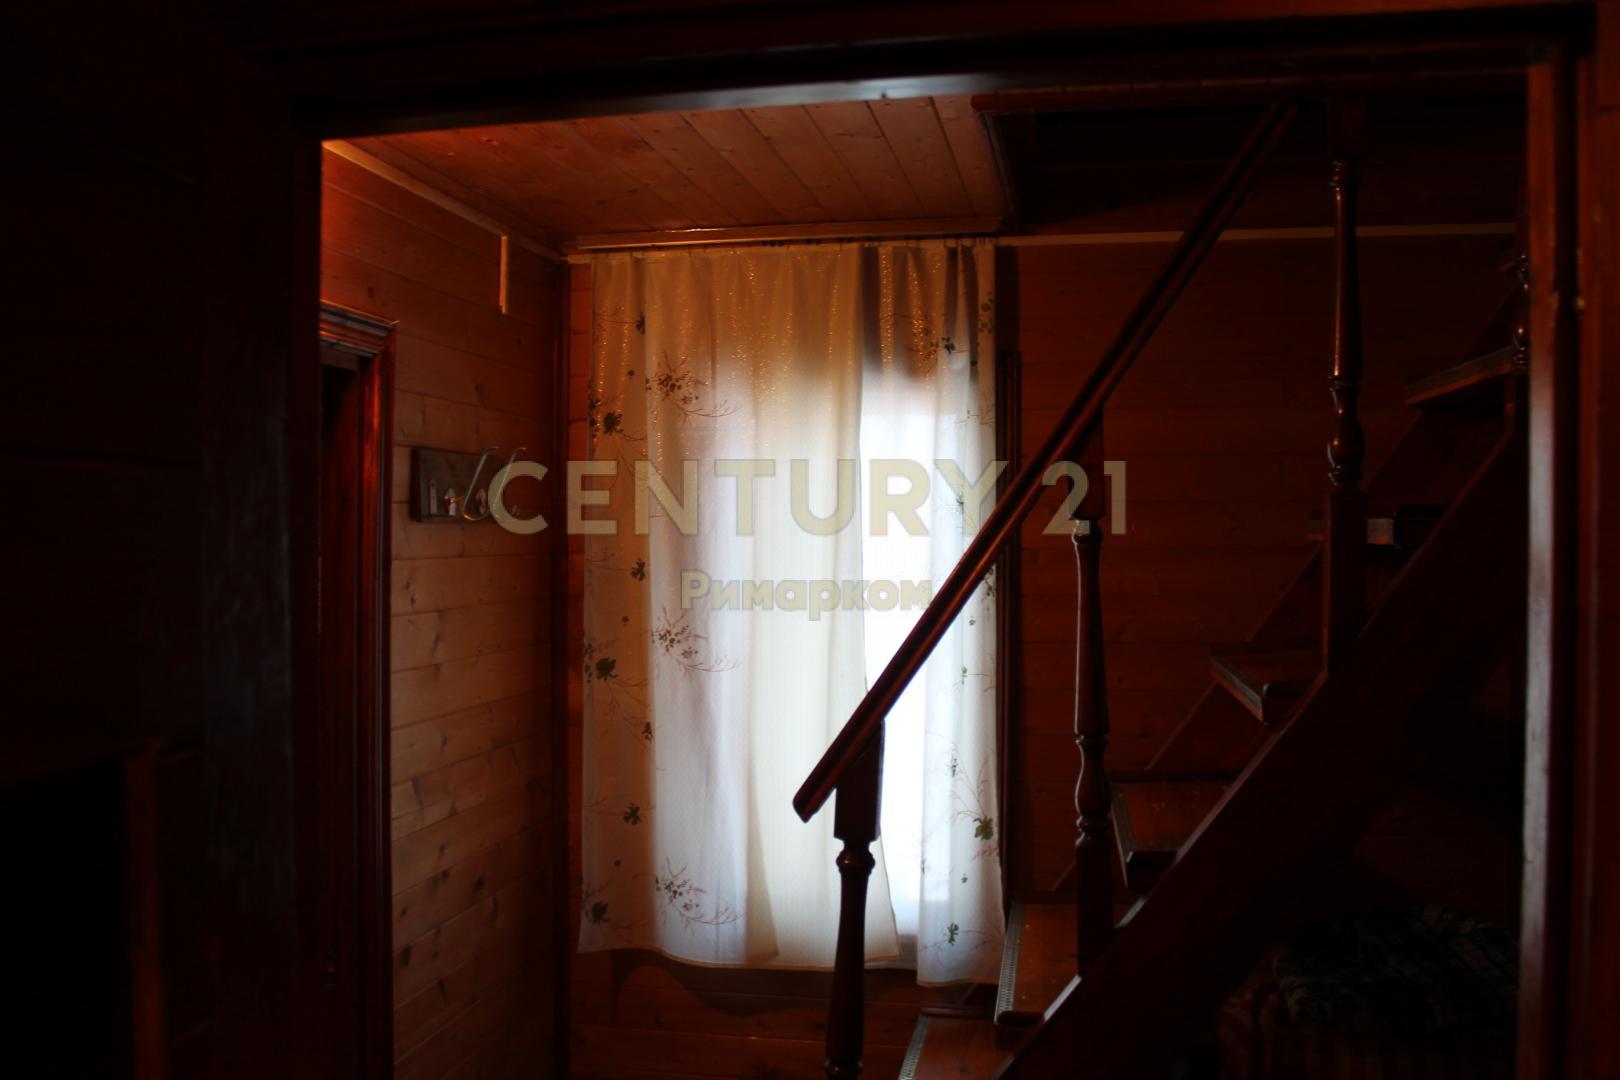 Продам дача по адресу Россия, Москва и Московская область, городской округ Чехов, Дубрава фото 9 по выгодной цене